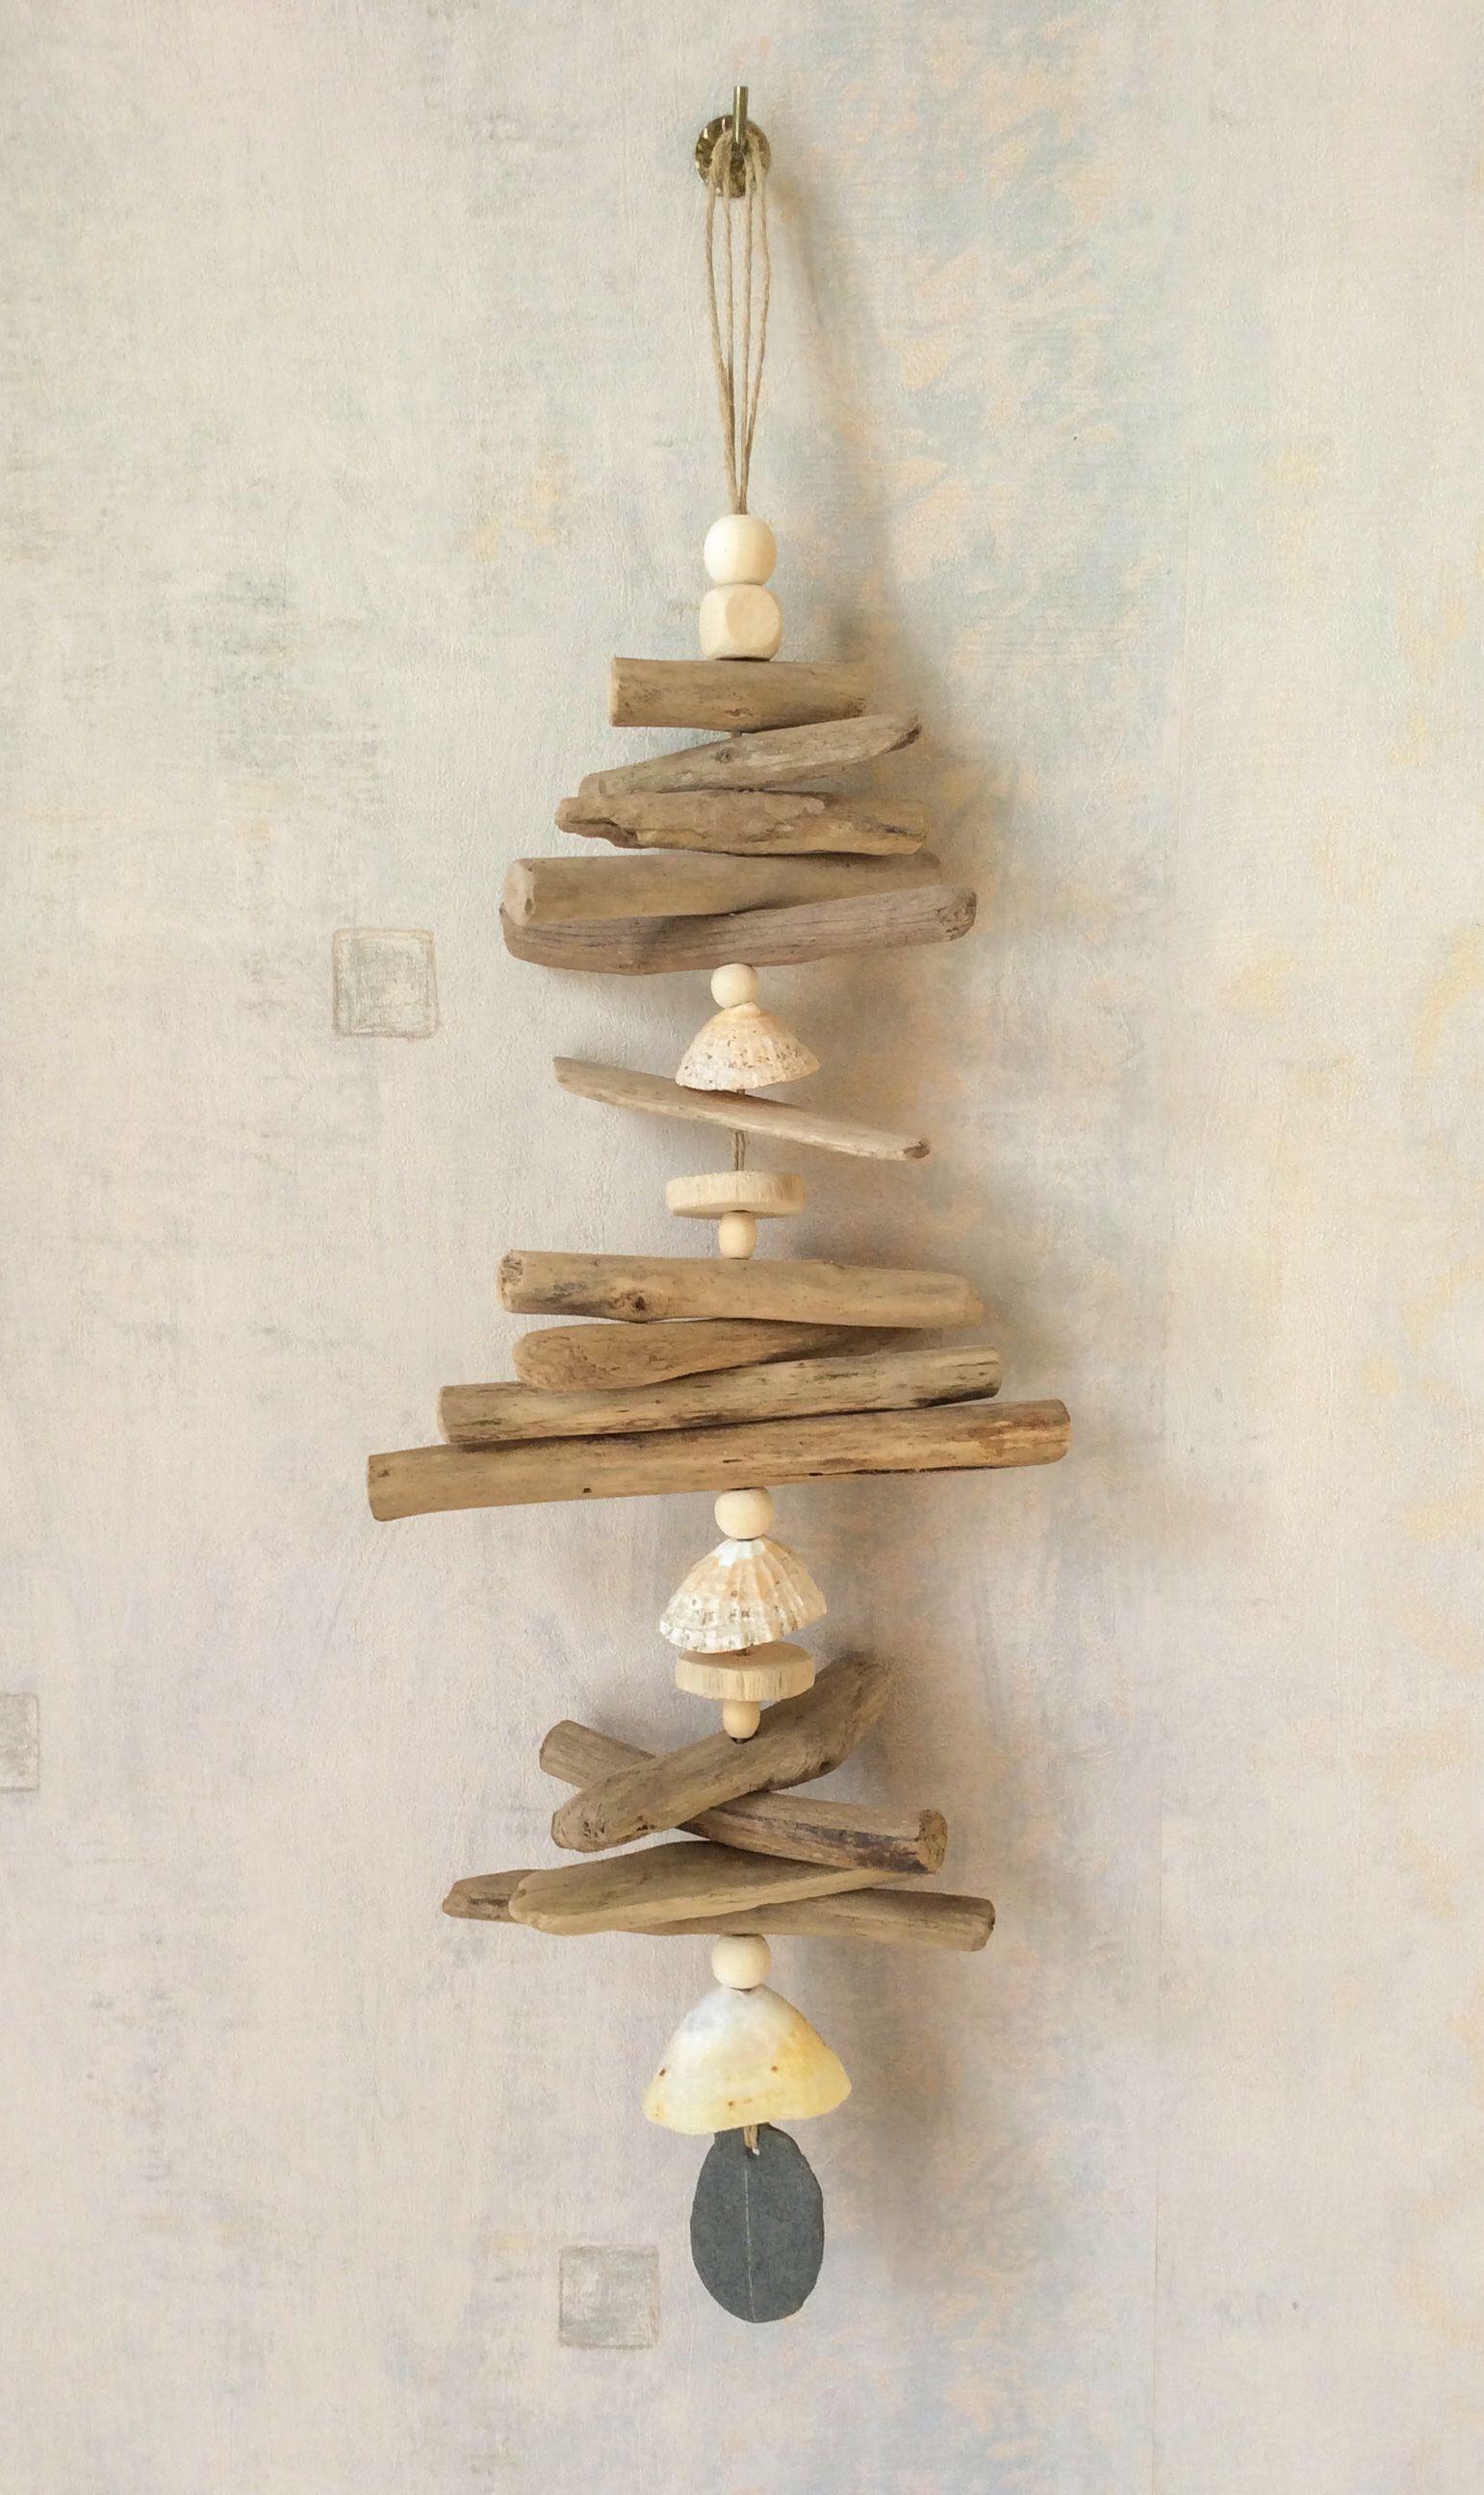 Objets d co en bois flott et peintures abstraites for Traitement bois flotte